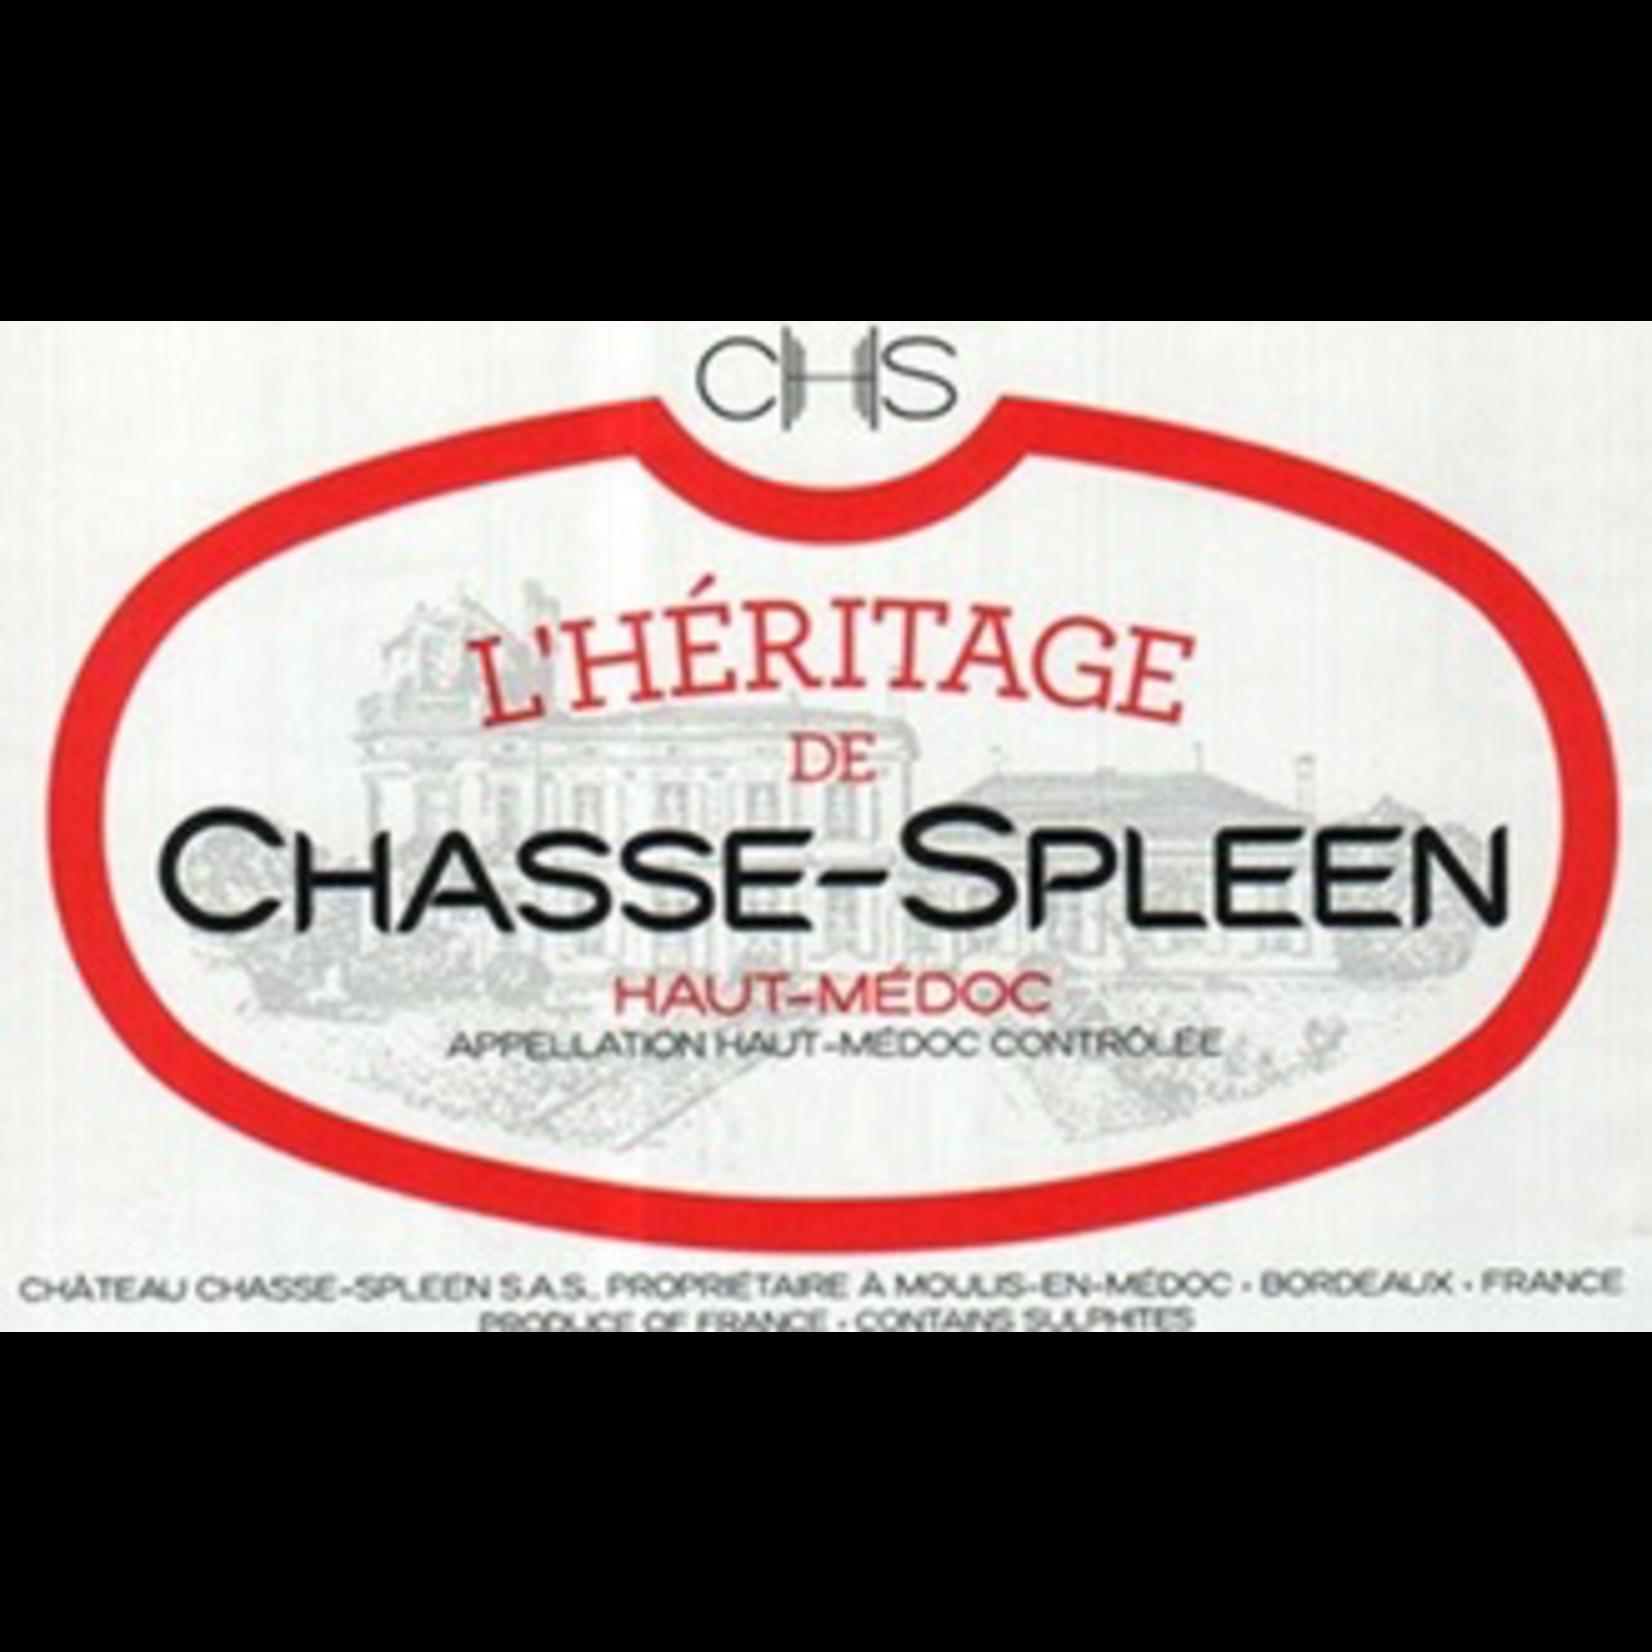 L'Heritage de Chasse Spleen 2018